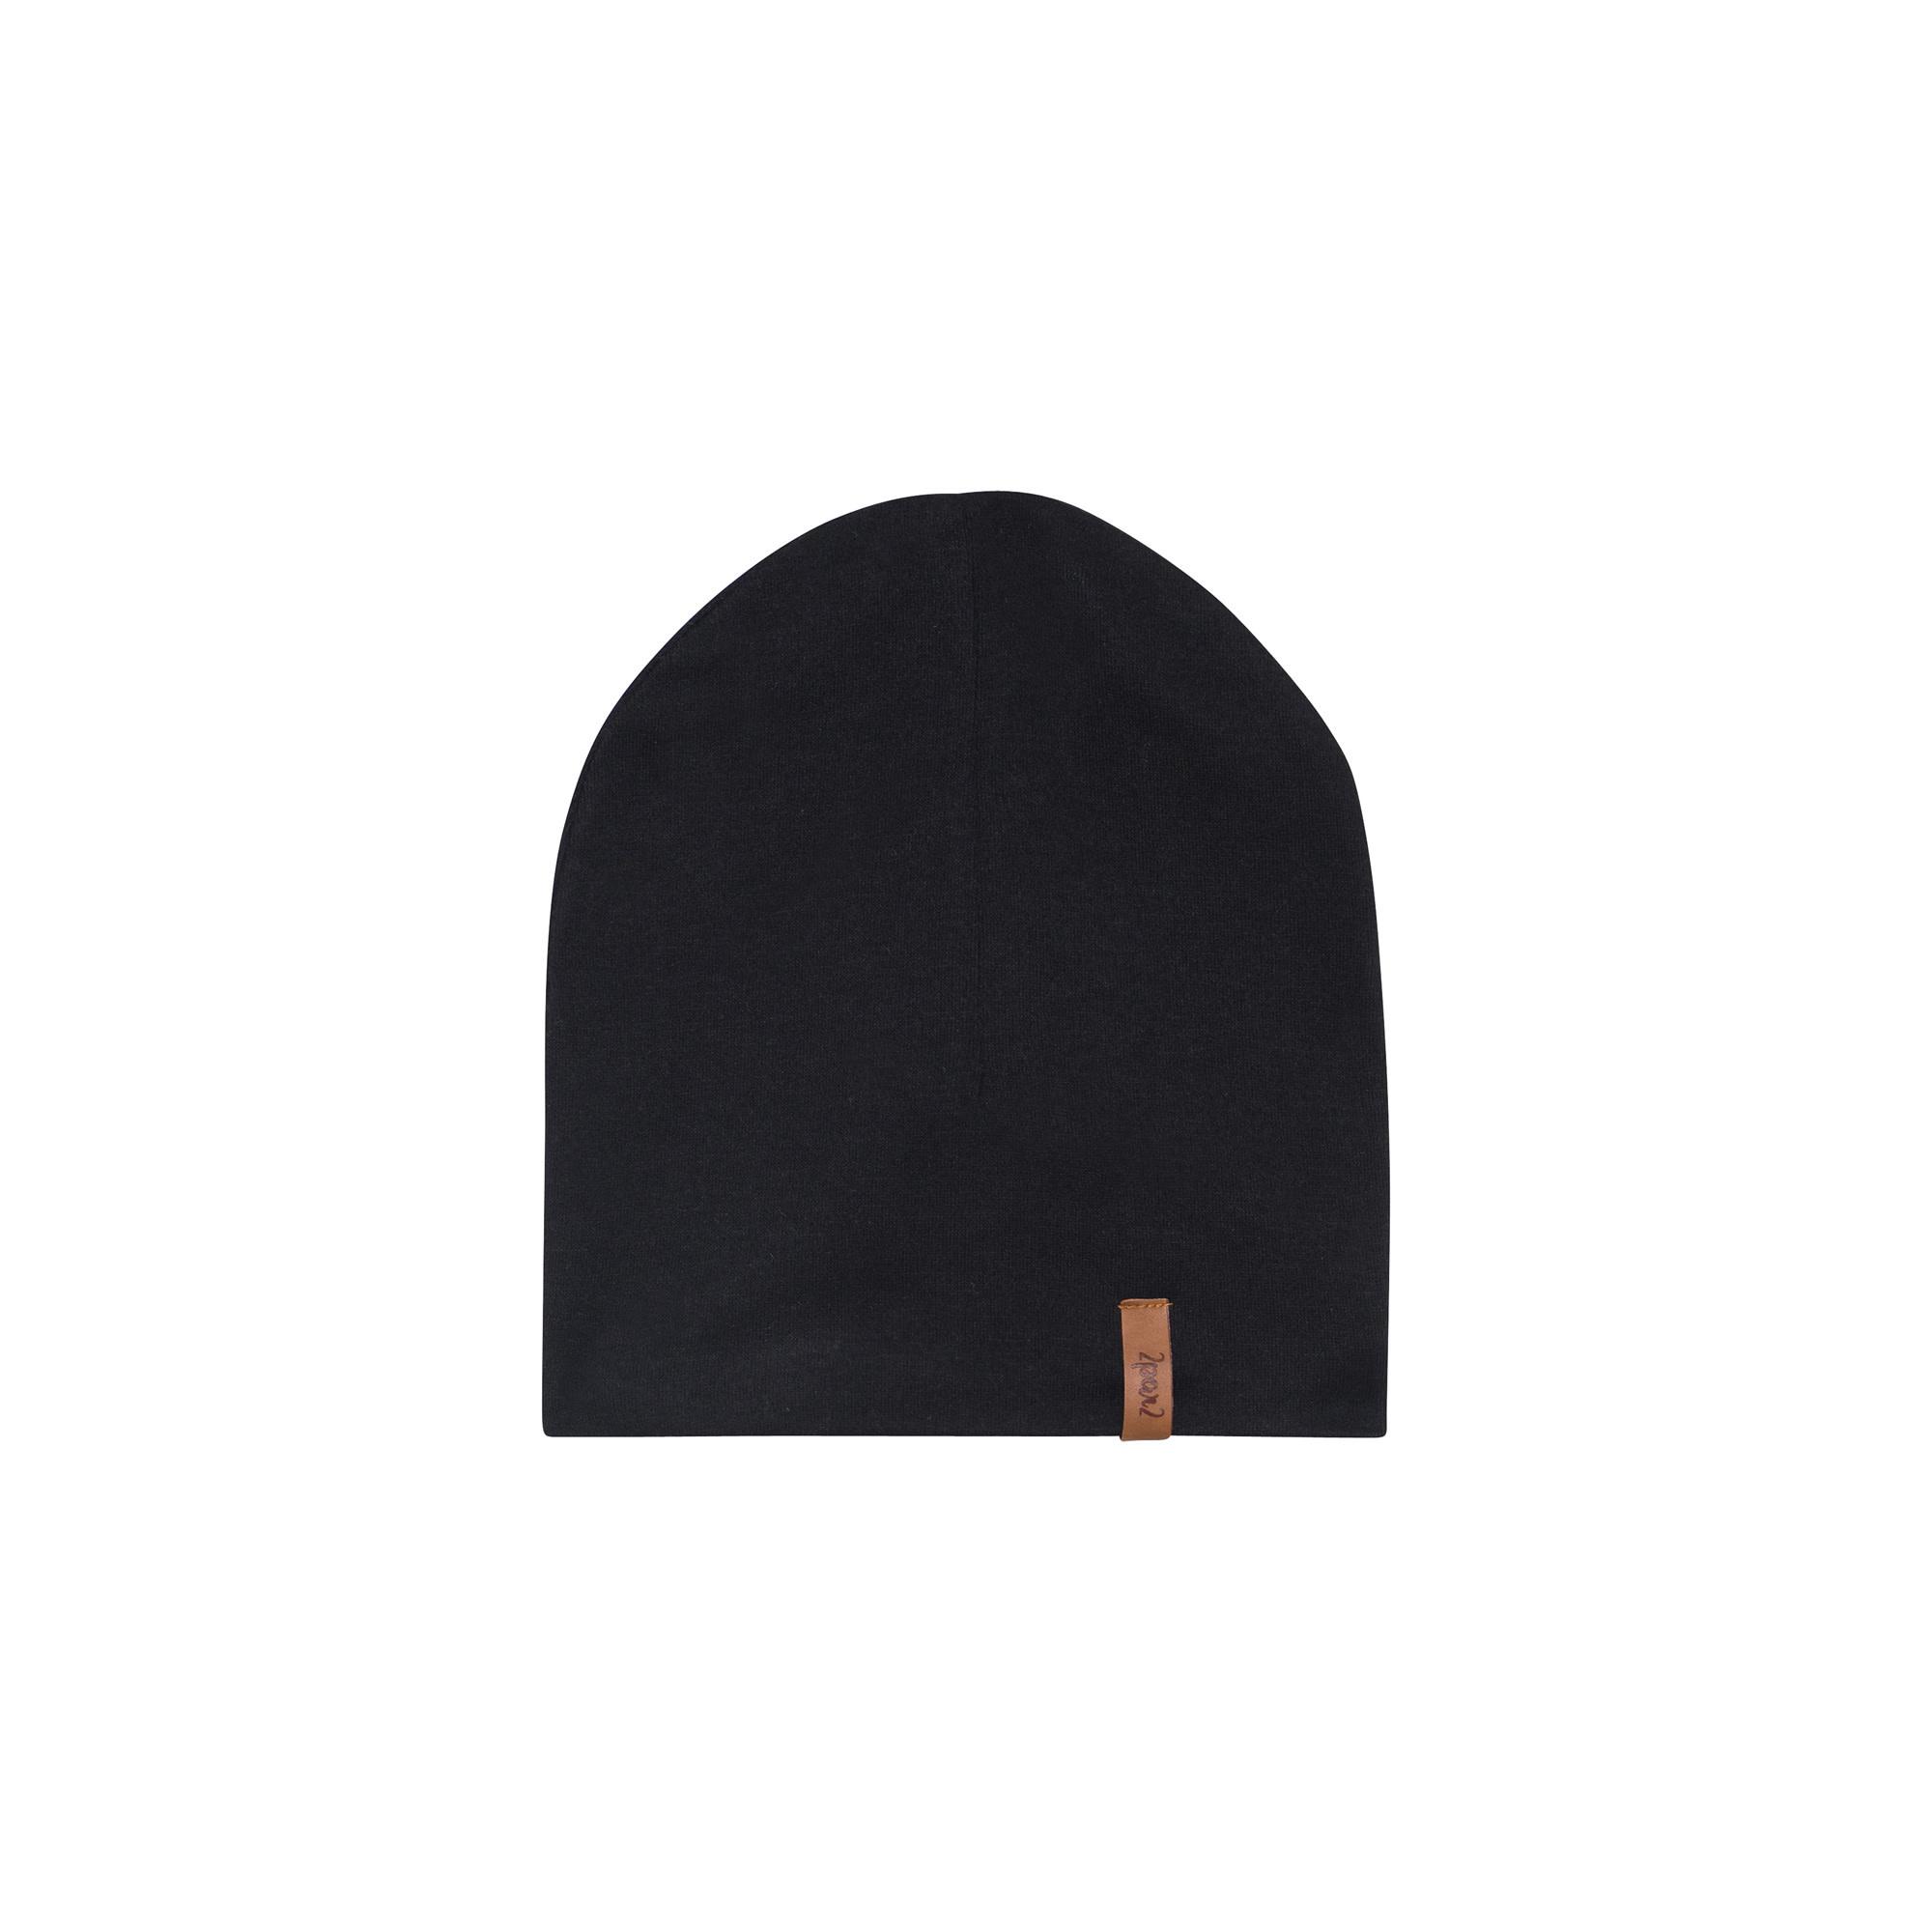 Bonnet Noir-5